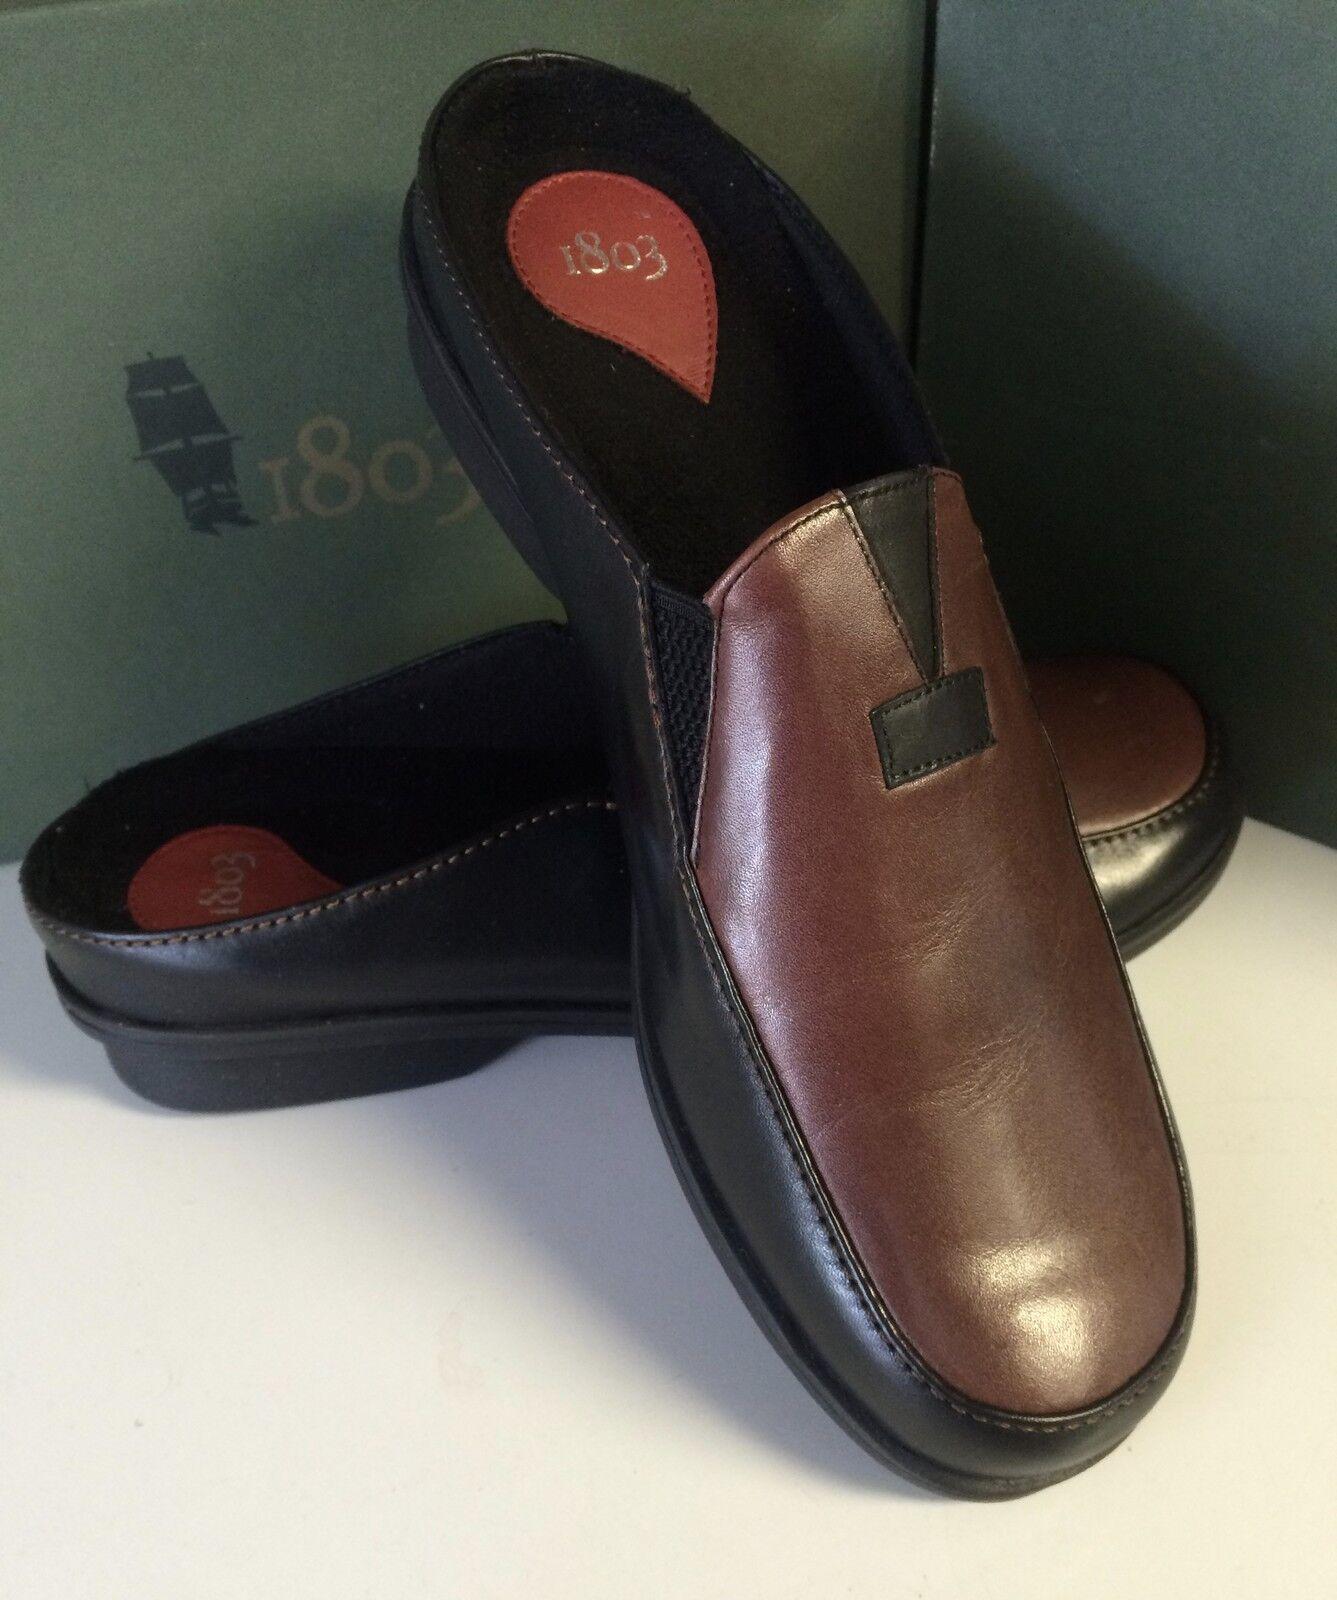 1803  femmes CLOVIS CLOG noir marron LEATHER Taille 41 (10 10.5)